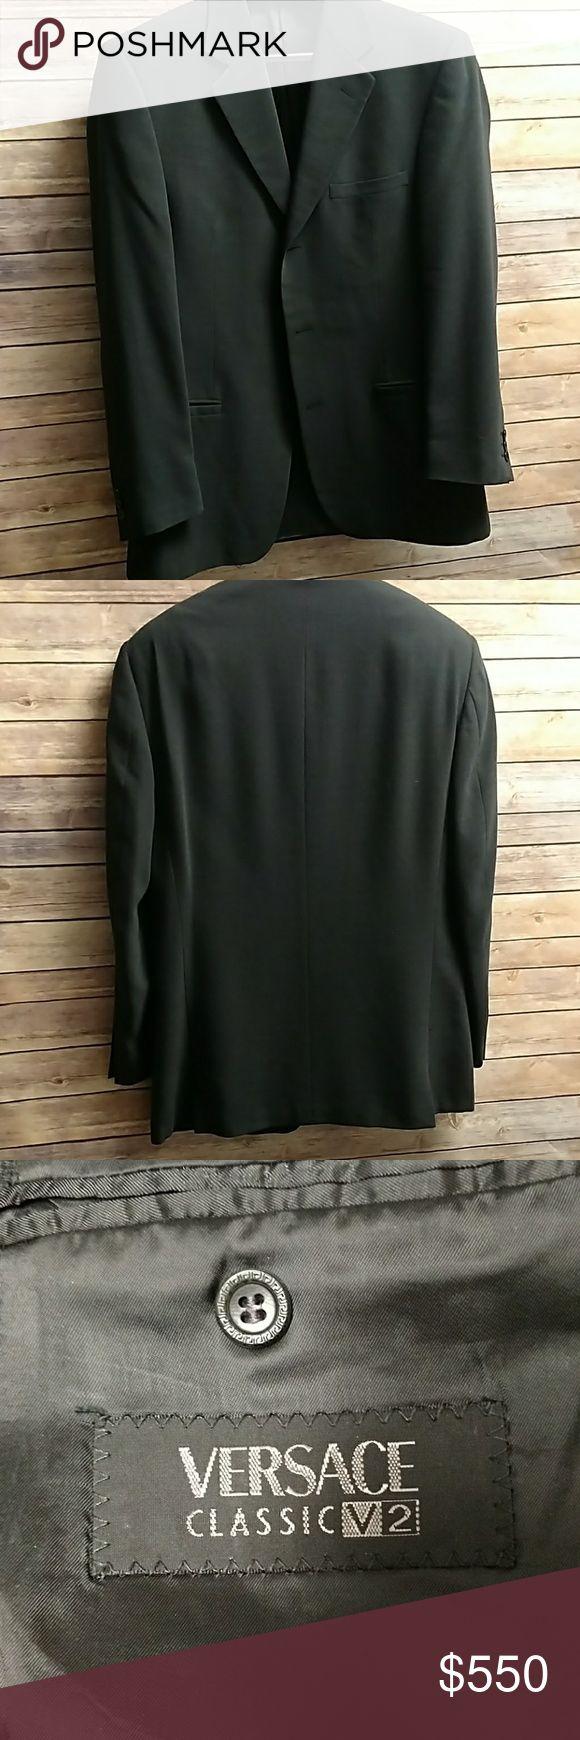 Versace Men's Coat Good used condition.  40 regular??  See pics for details. Versace Suits & Blazers Sport Coats & Blazers